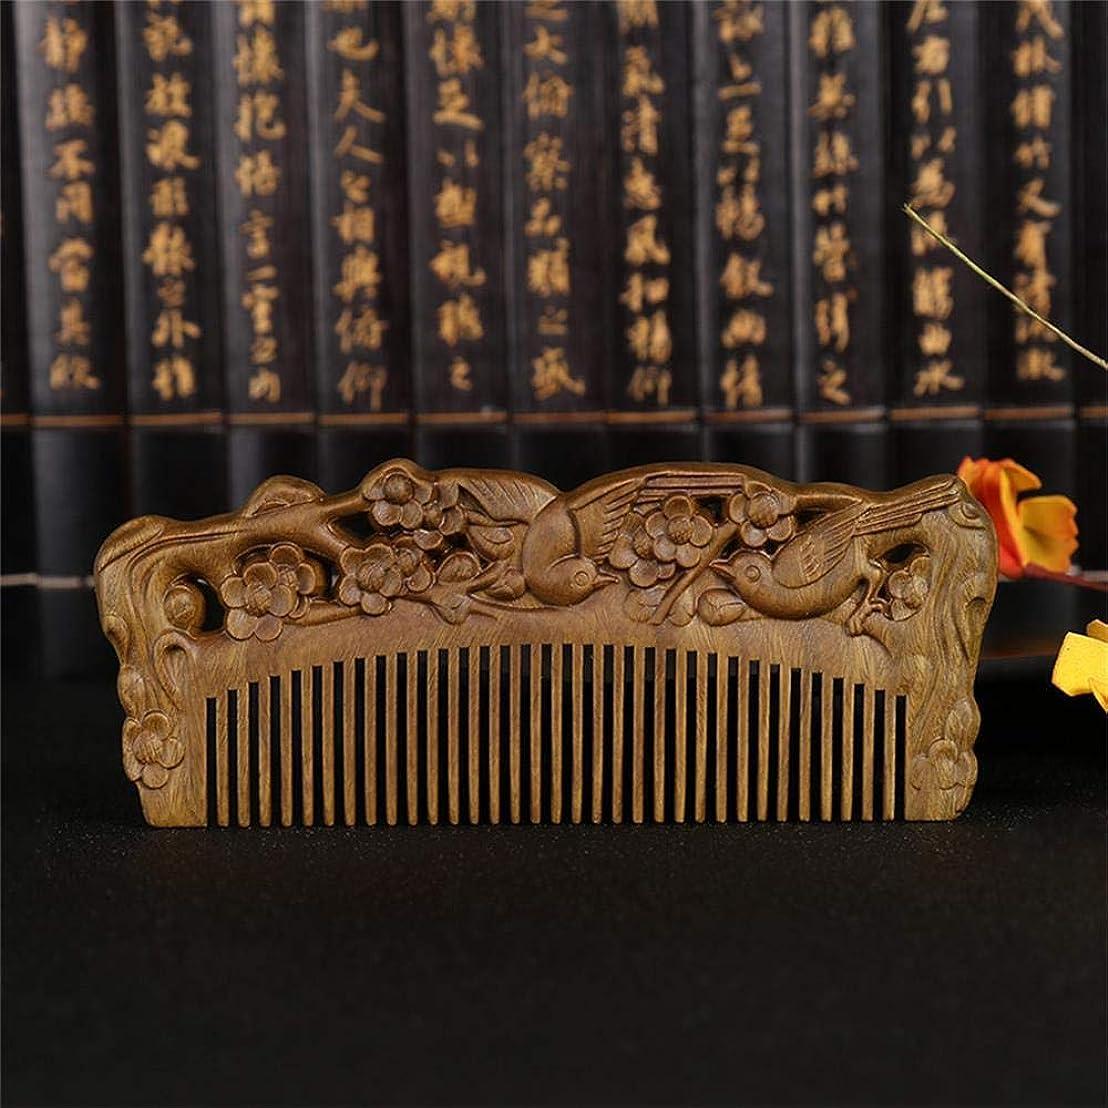 離れたホイッスルフォークくしヘアケア帯電防止木製ヘアマッサージナチュラルウッド モデリングツール (PATTERN : Swallow)